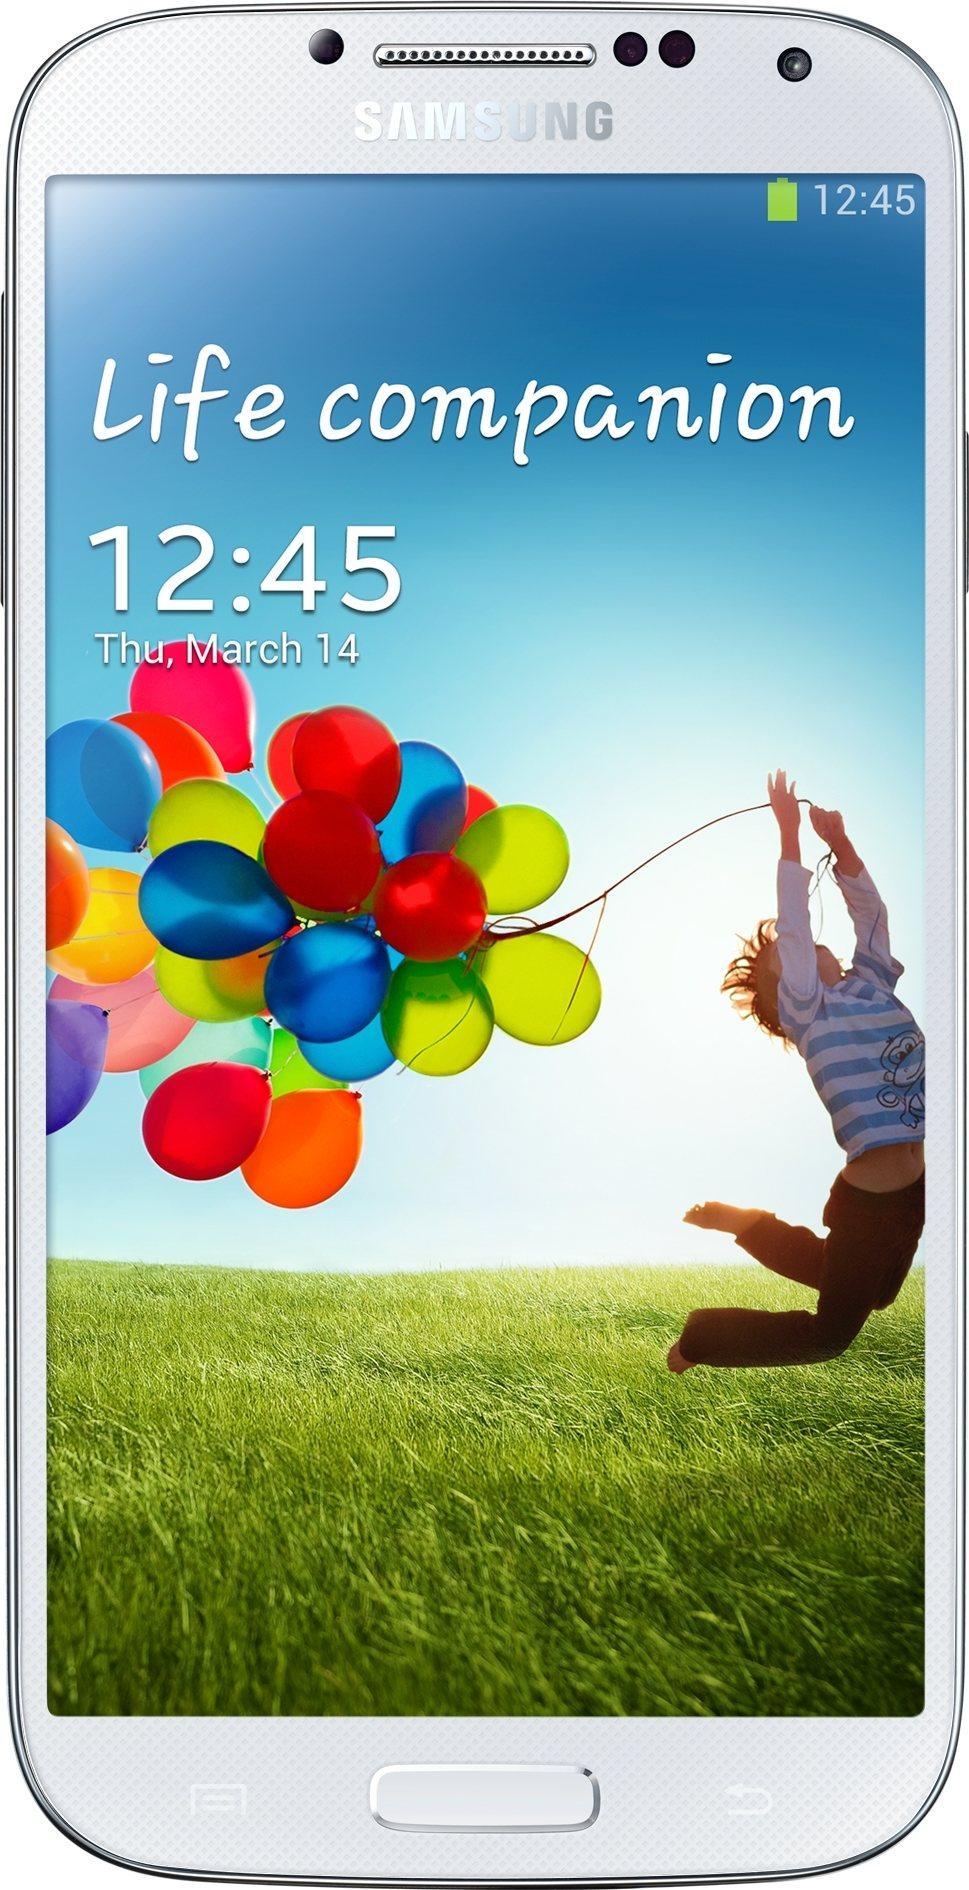 Galaxy S 4 (Exynos Octa) GT-I9500